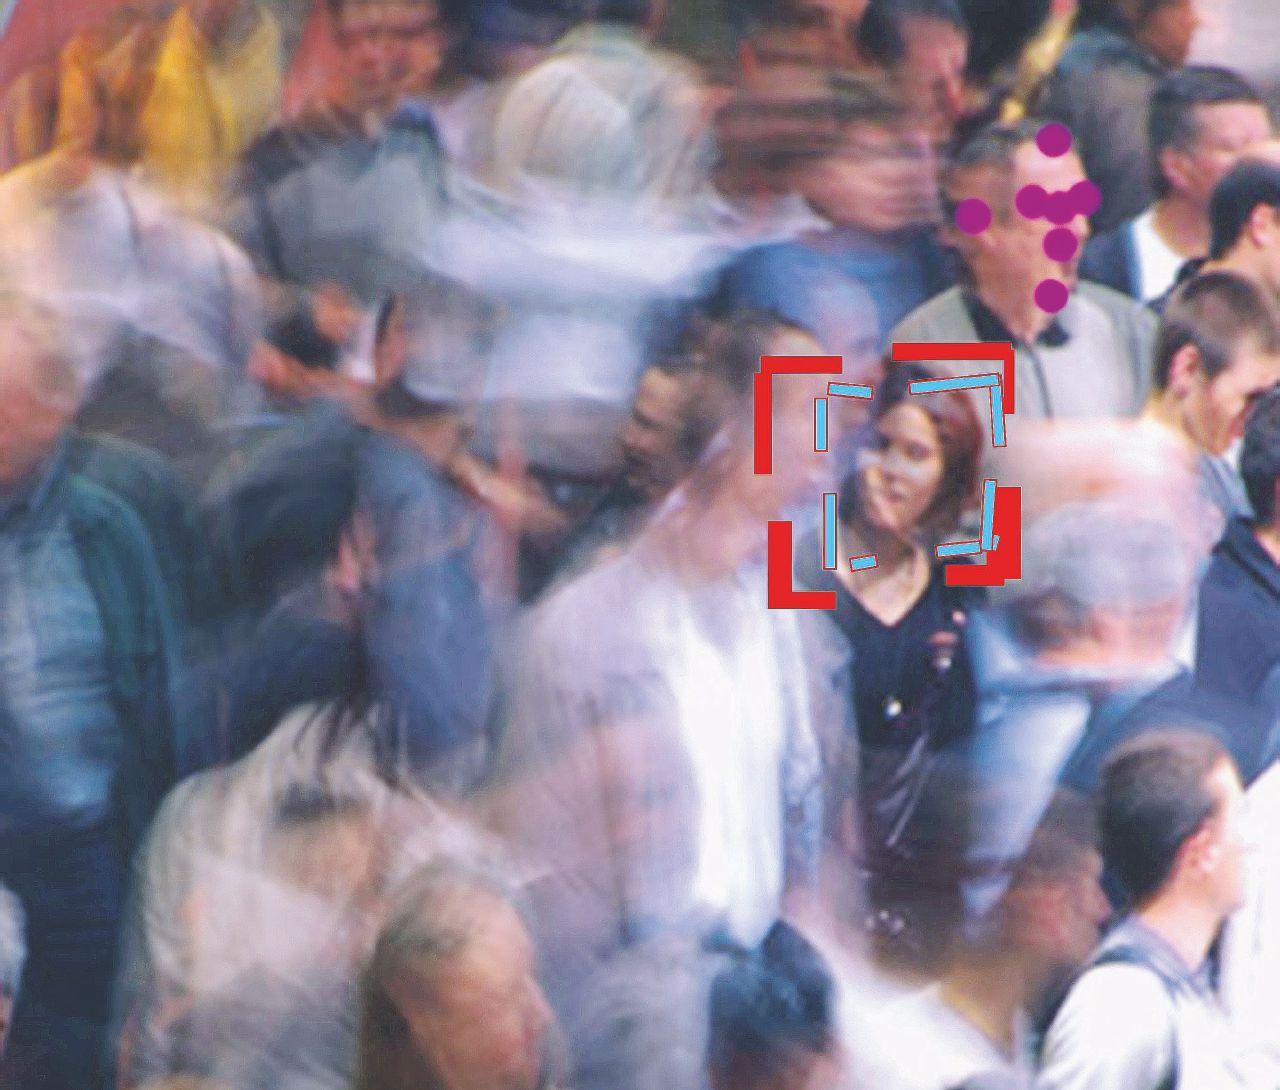 Siamo spiati da 3 milioni di occhi elettronici